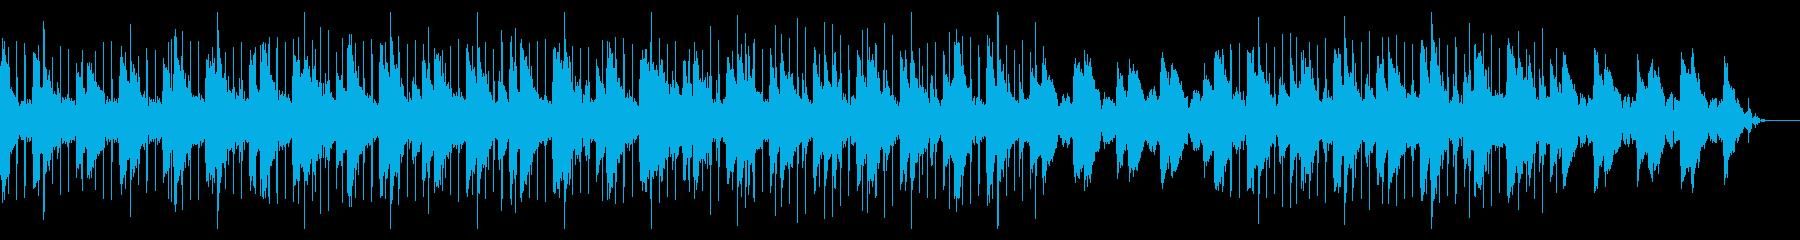 幻想的で切ないチルアウト・Lo-fiの再生済みの波形